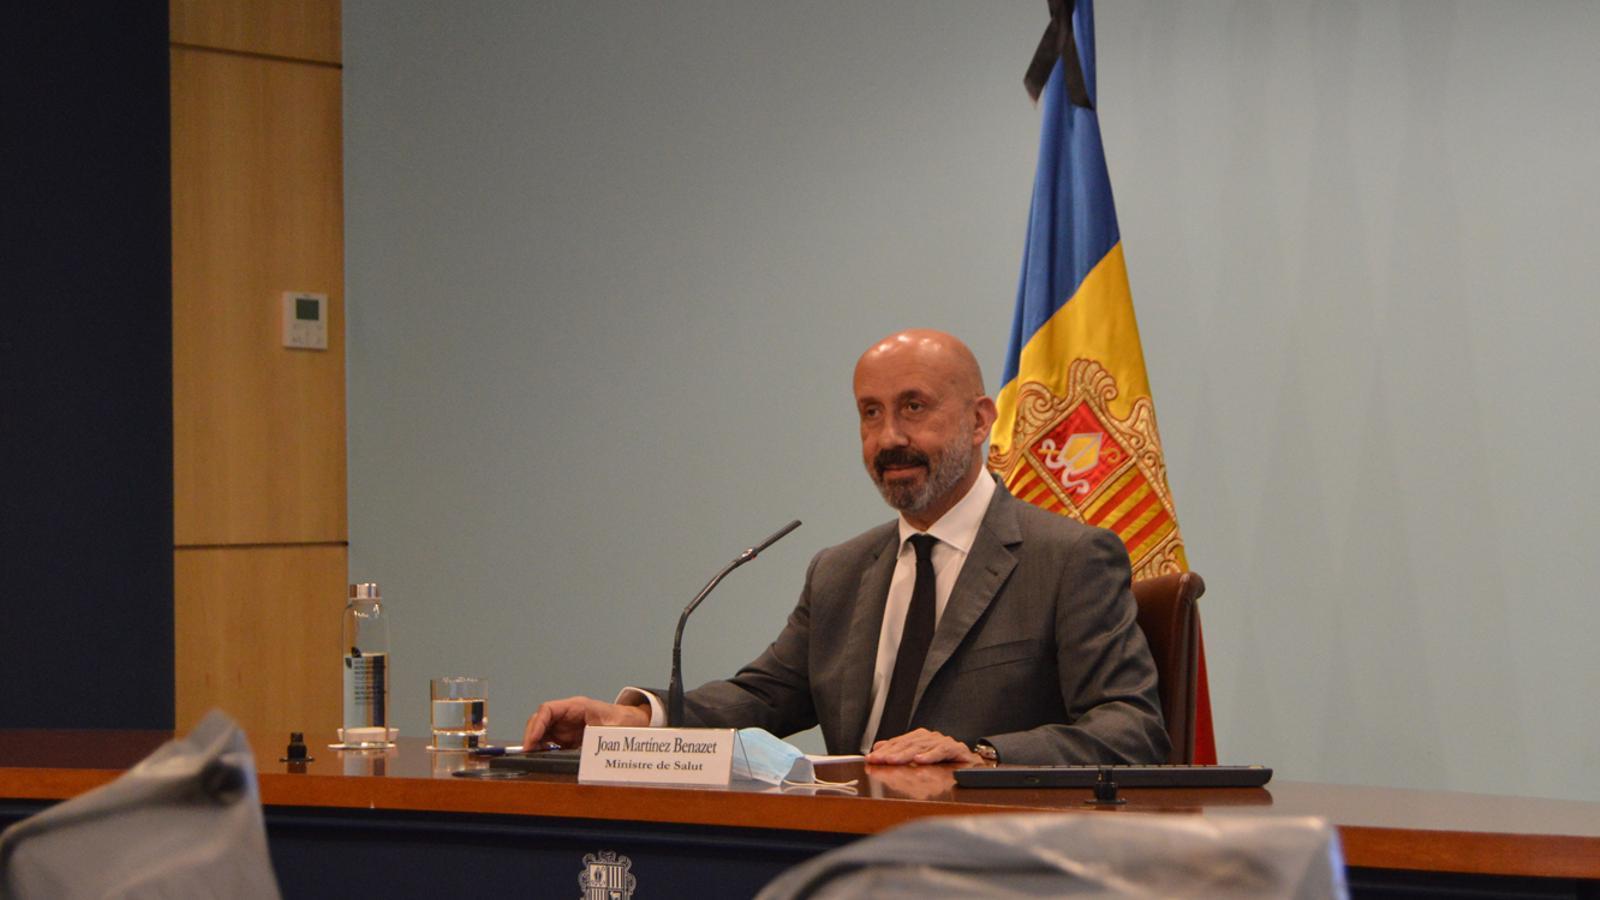 El ministre de Salut, Joan Martínez Benazet, durant la roda de premsa d'aquest dimarts. / M. F. (ANA)